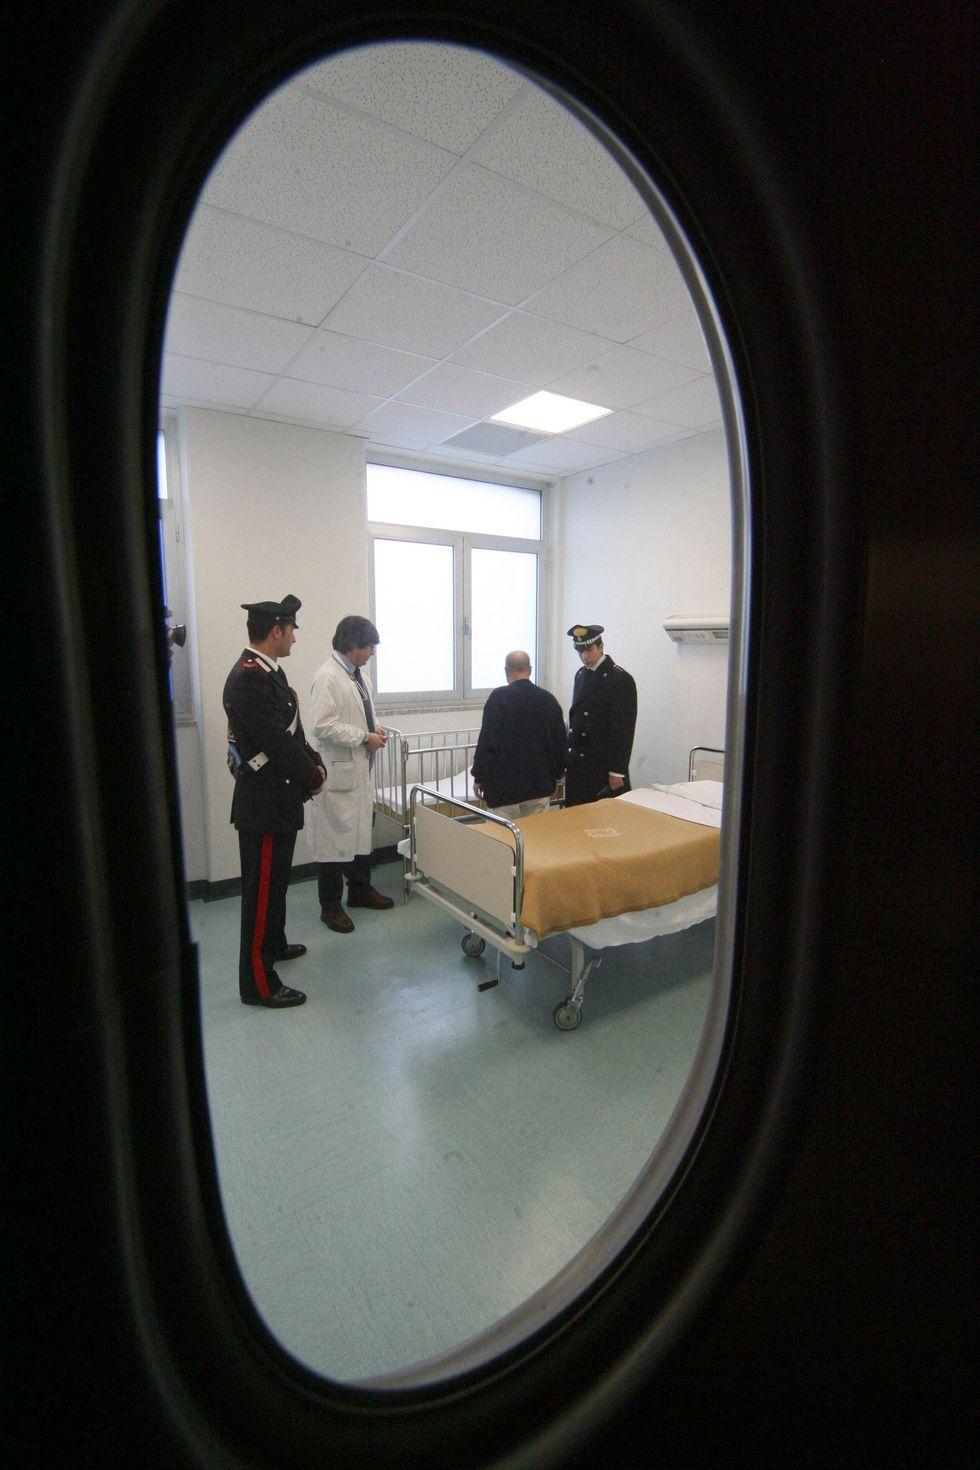 Sperimentazioni illegali: ecco cosa accade negli ospedali